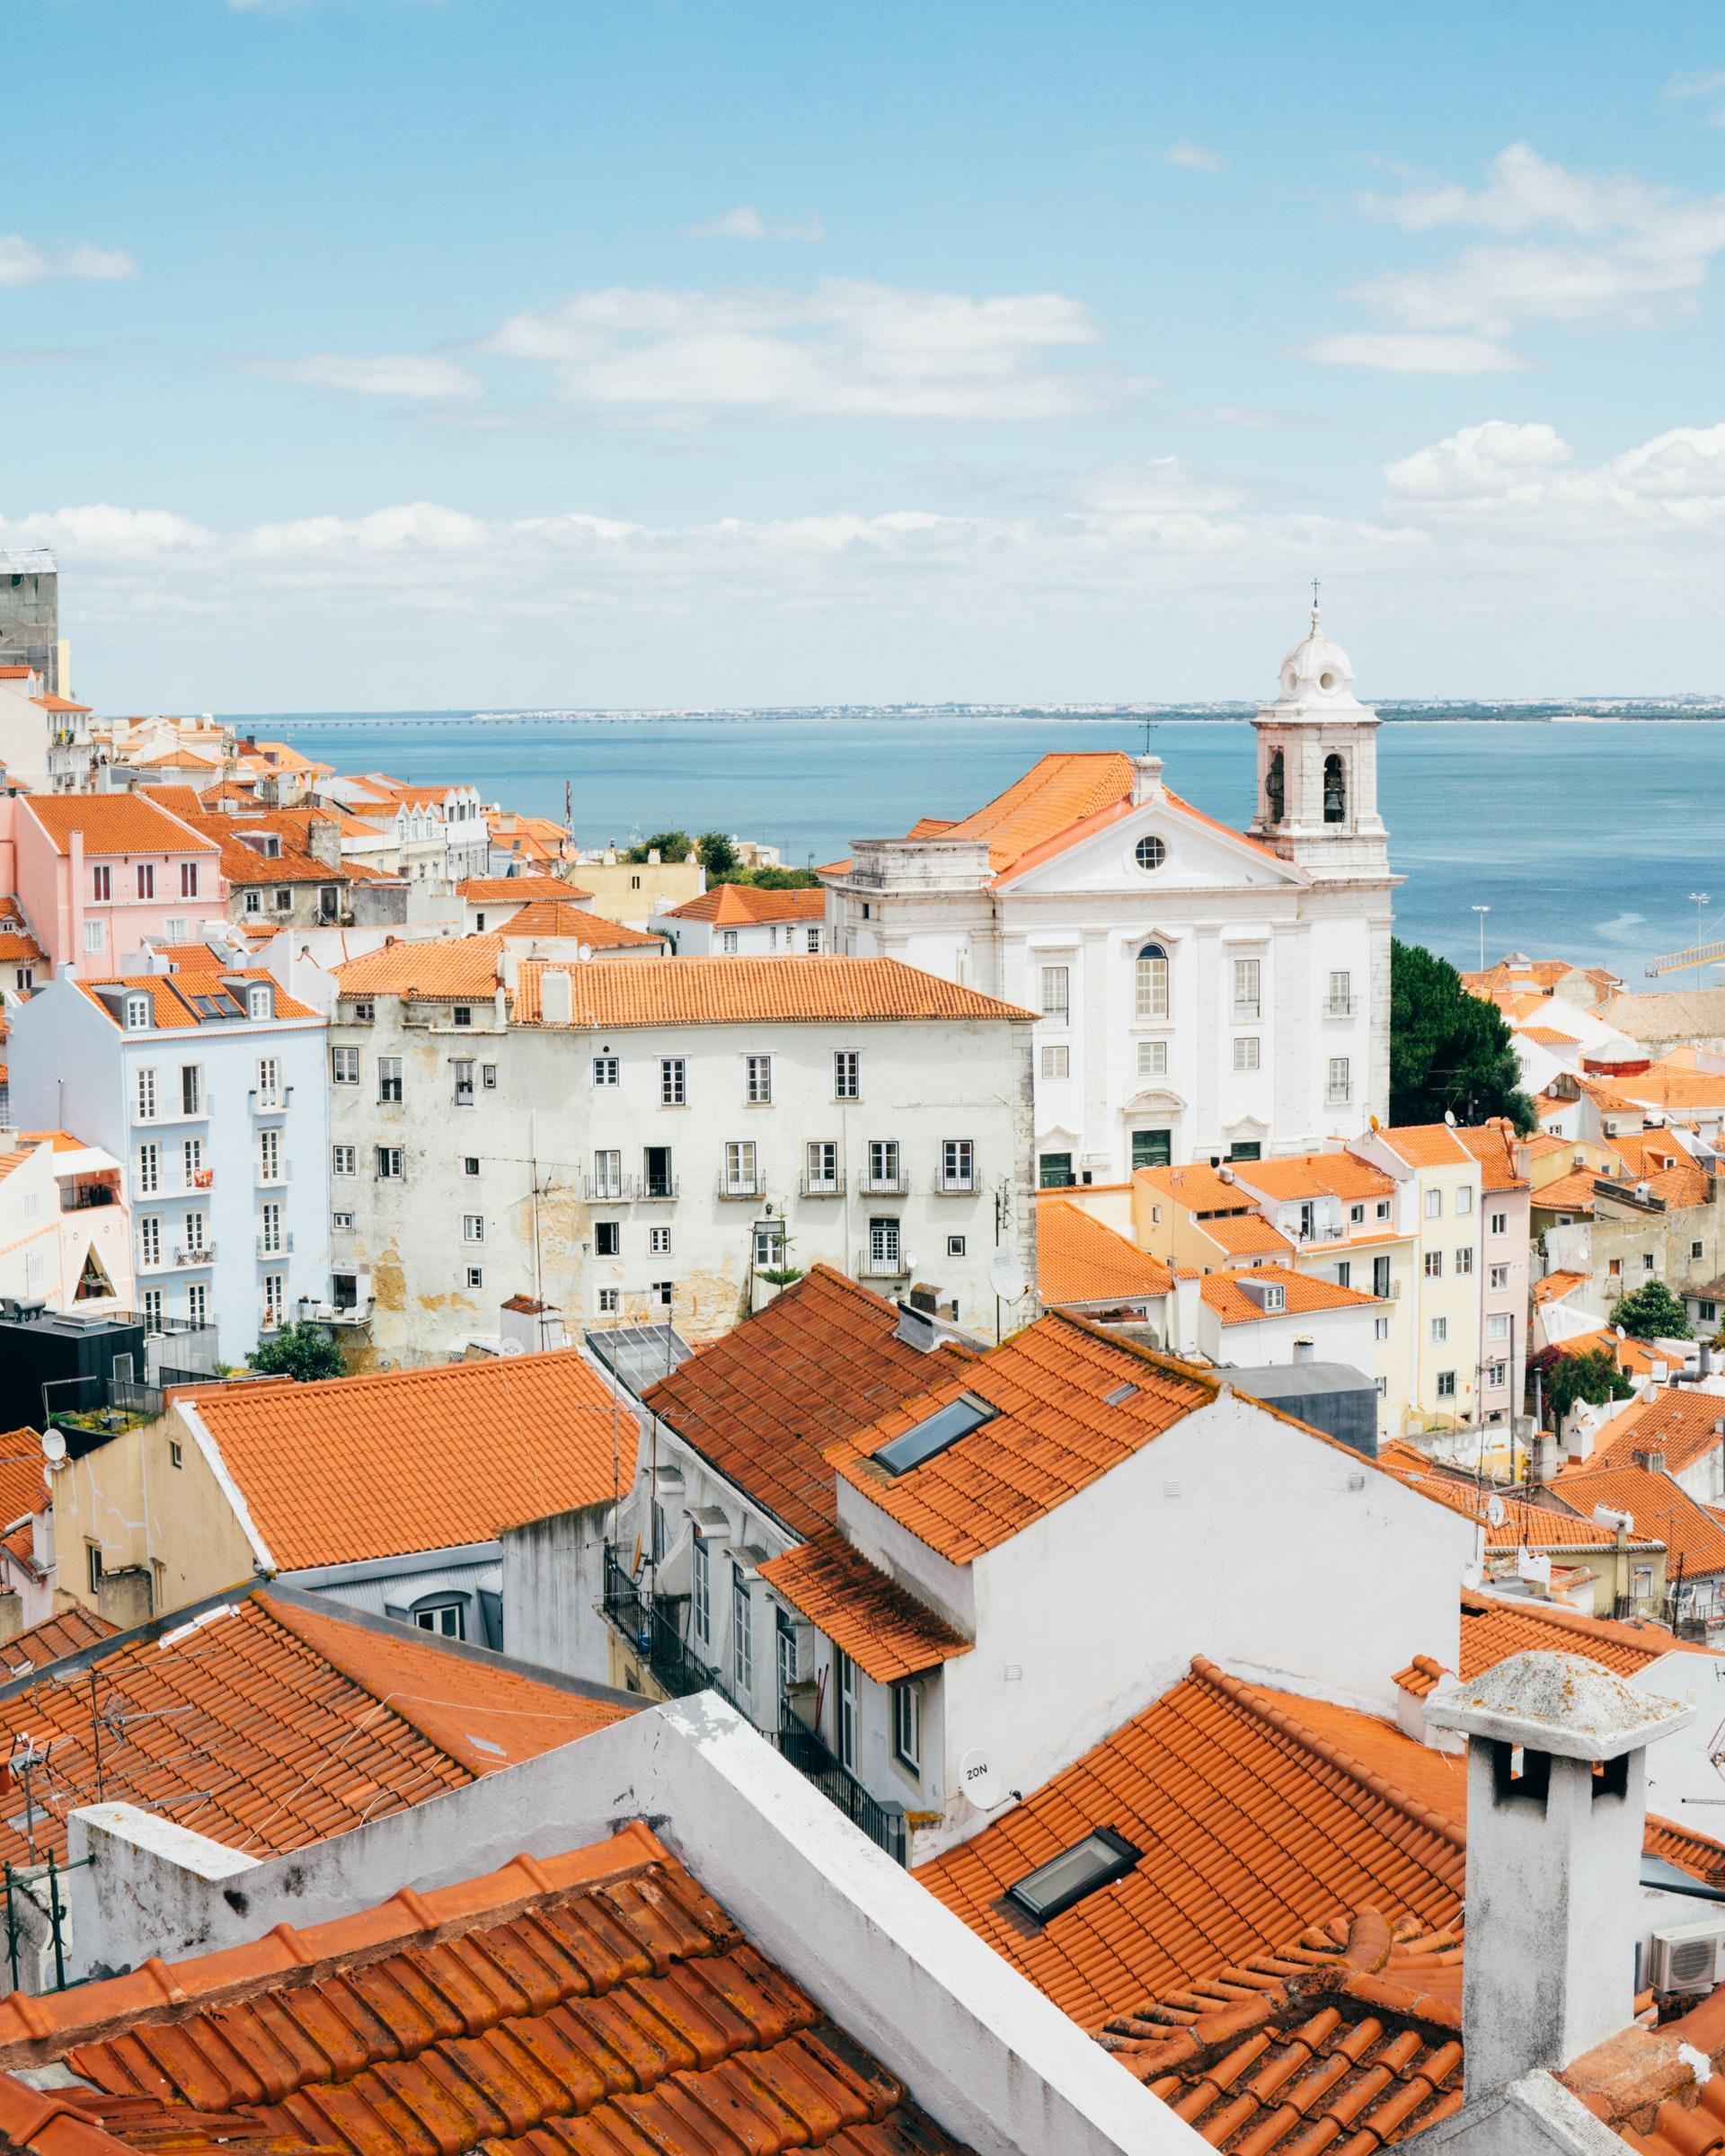 Lisbon, Portugal (photo: Tom Byrom)